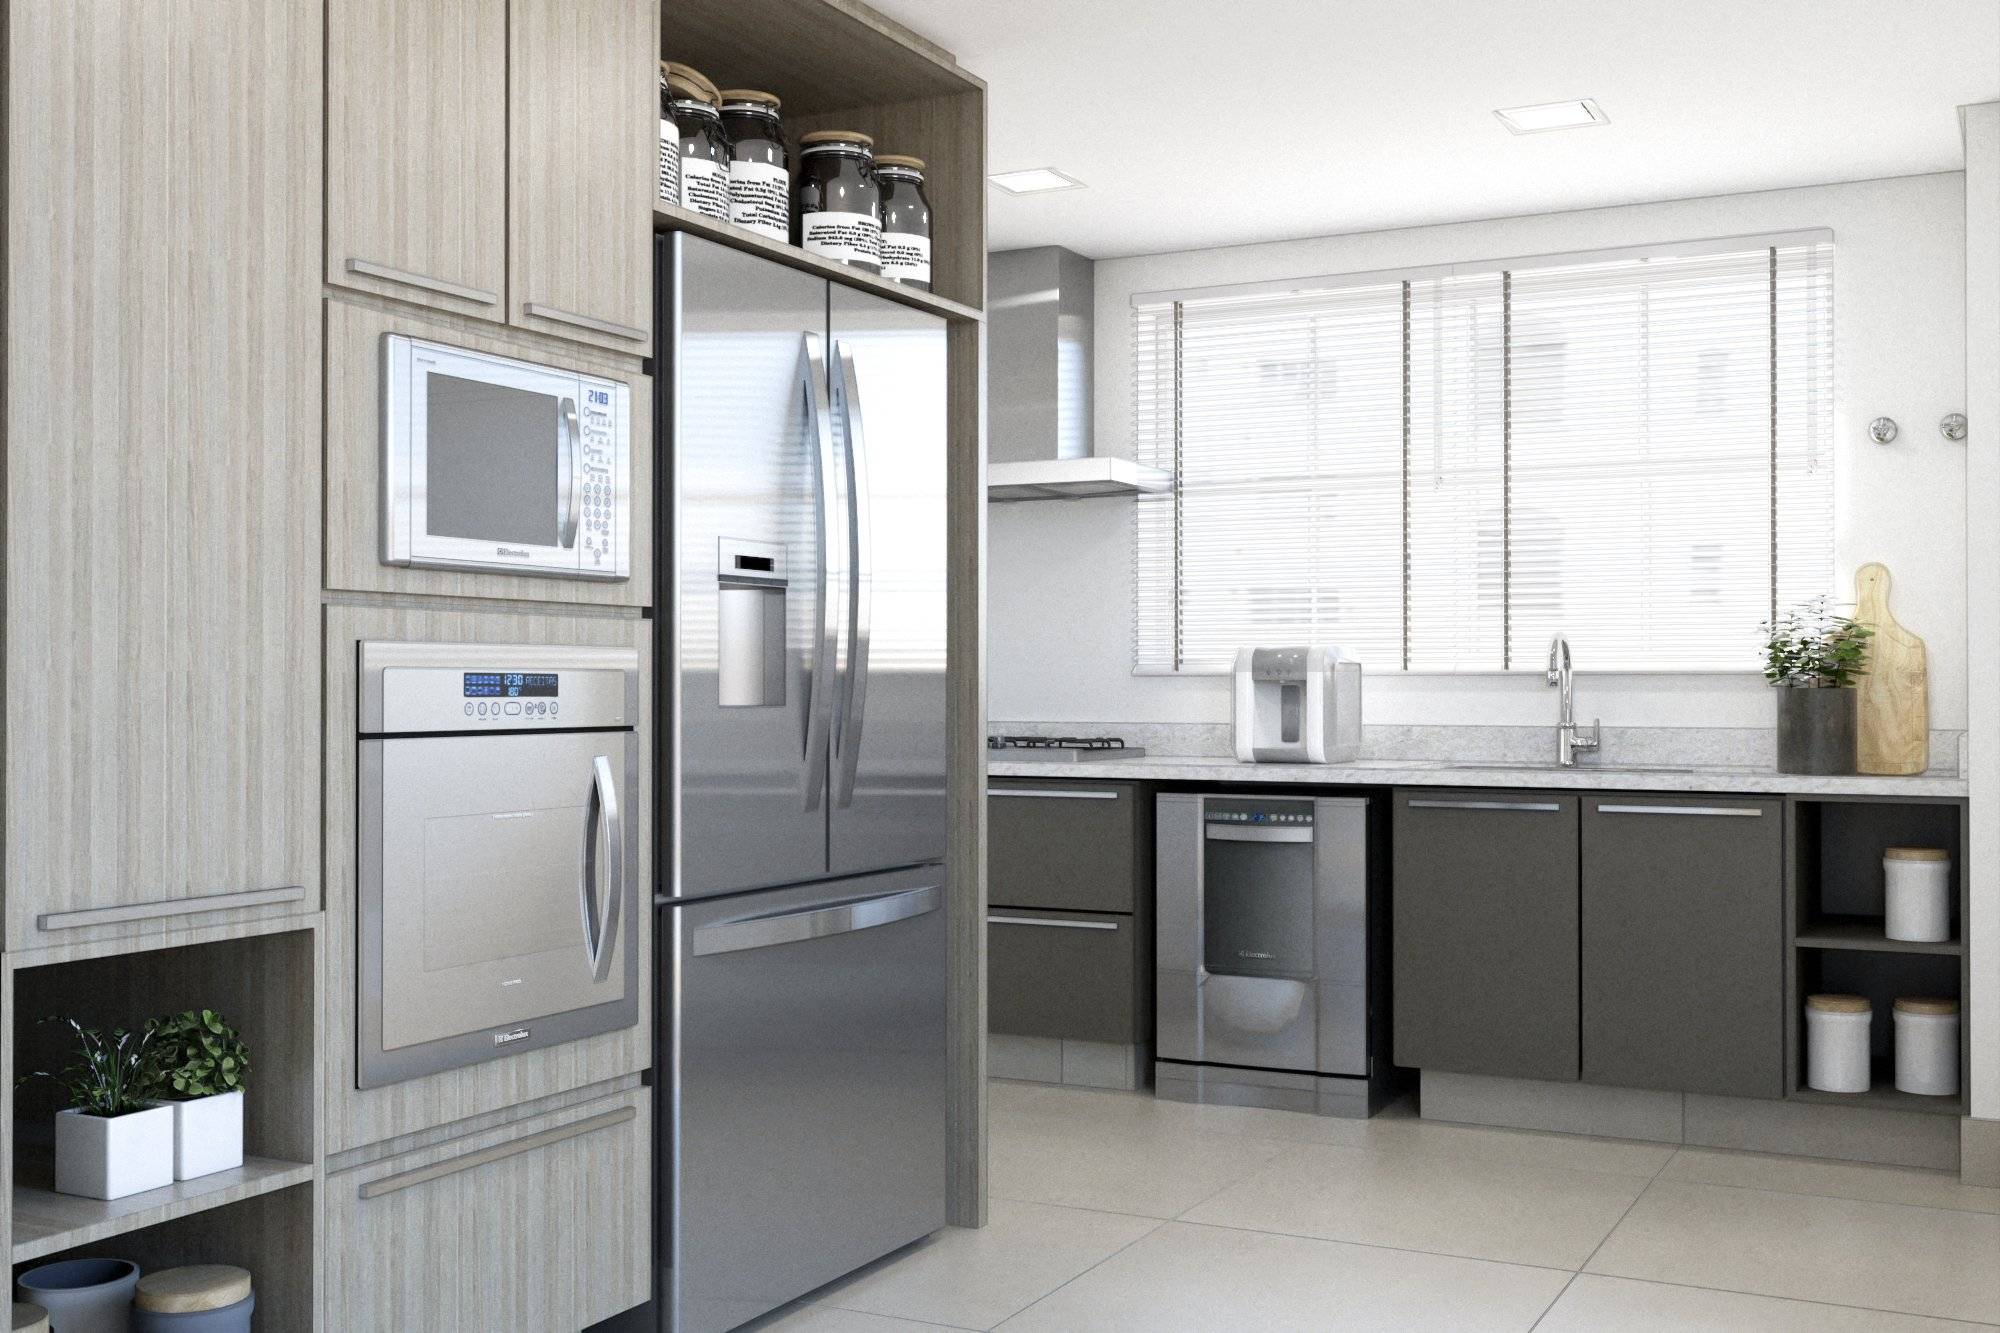 Foto de Cozinha com vaso de planta, vaso, garrafa, tigela, geladeira, microondas